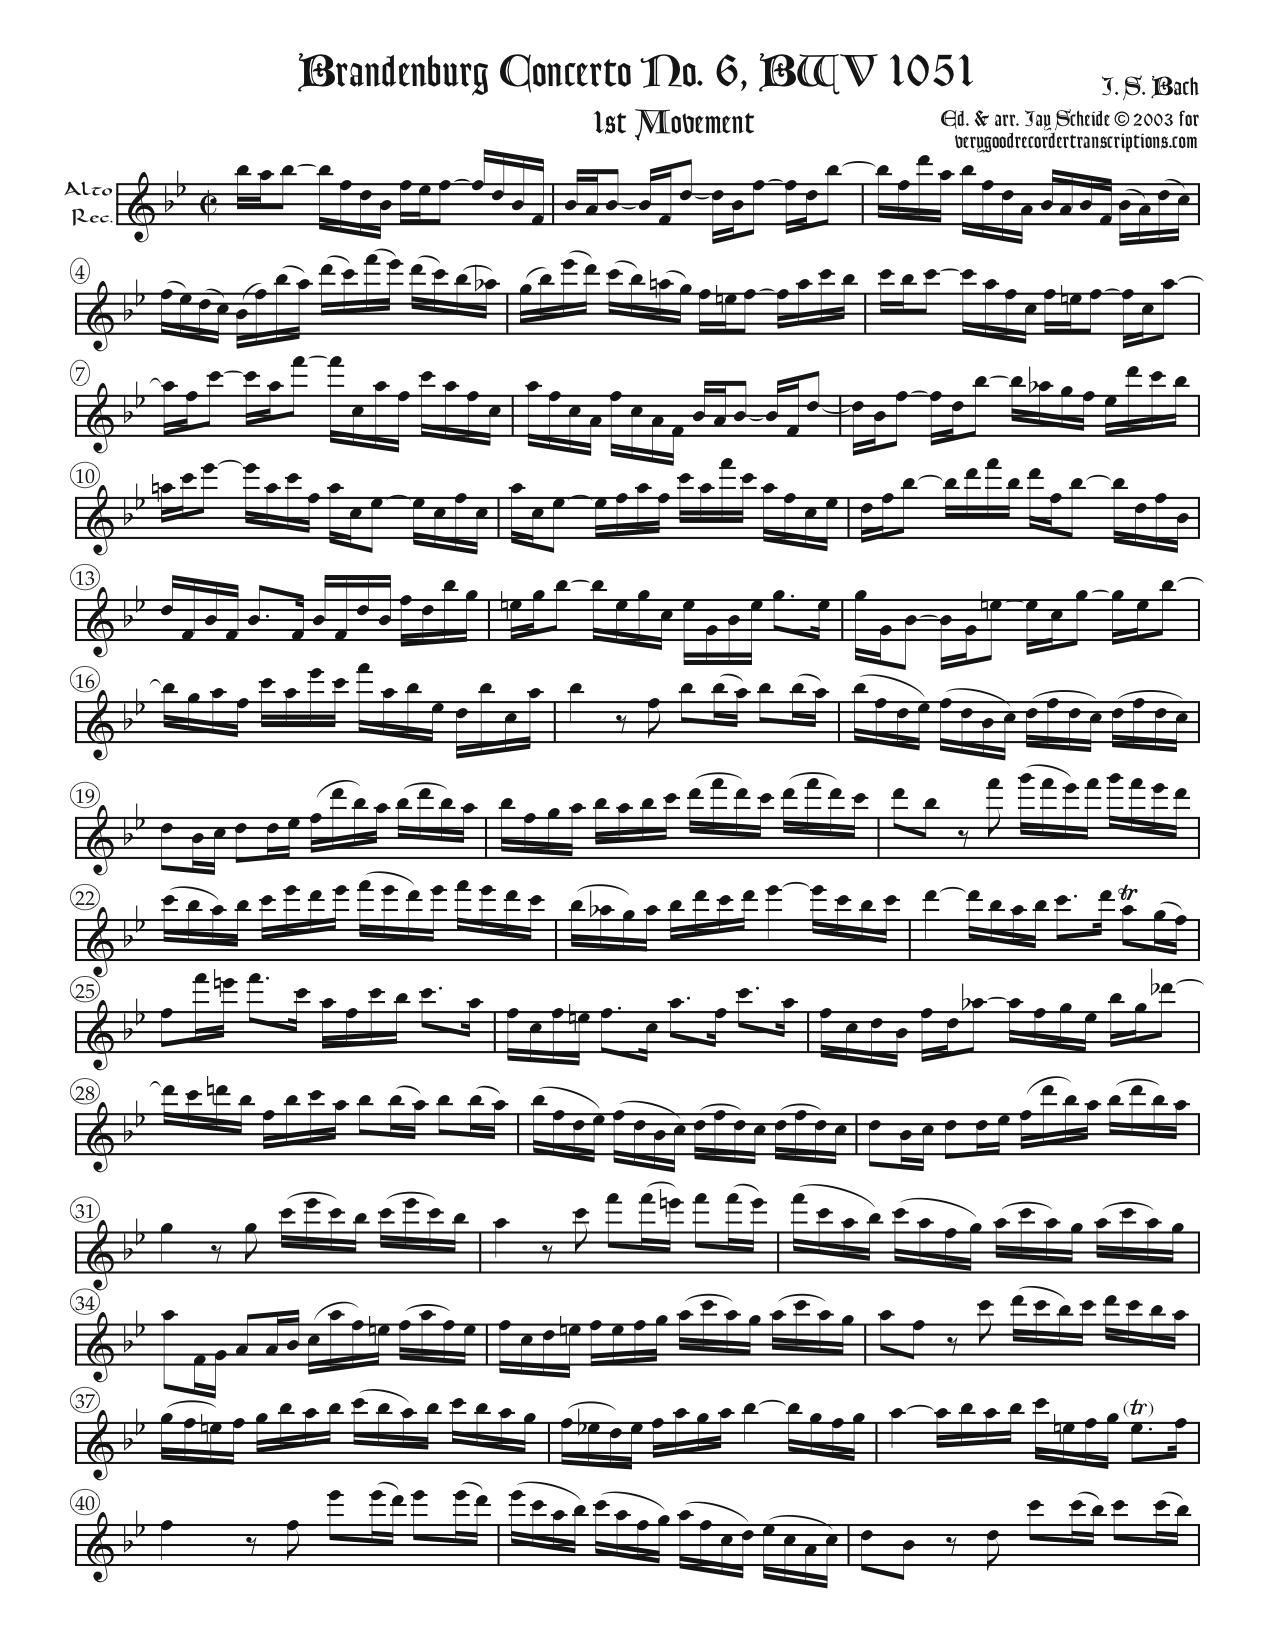 Brandenburg Concerto No. 6 complete